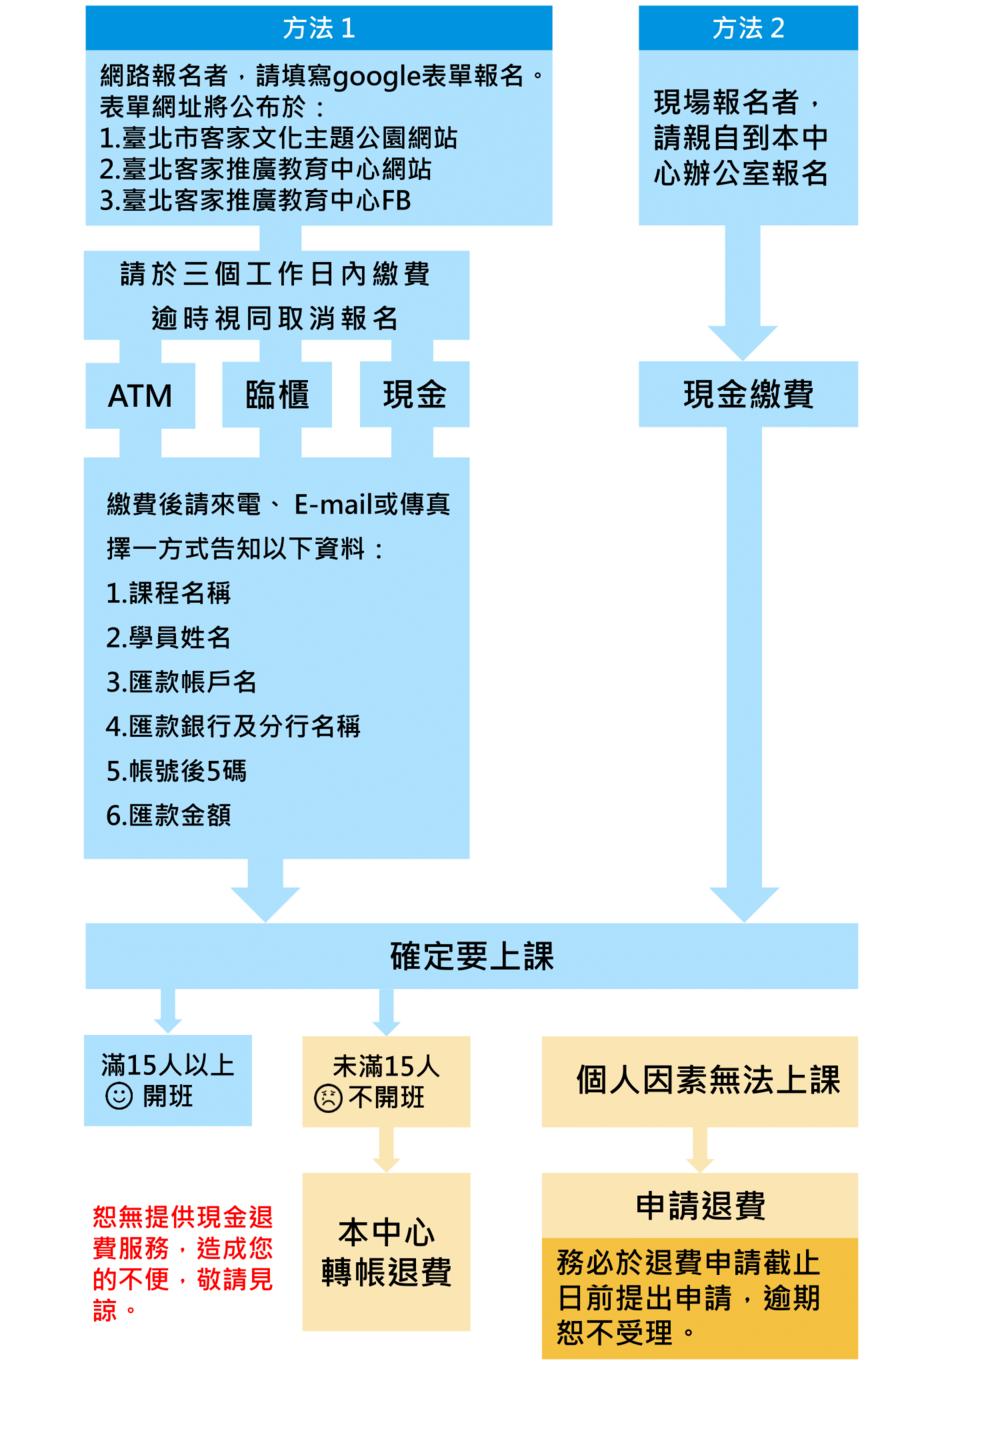 報 名 流 程 圖